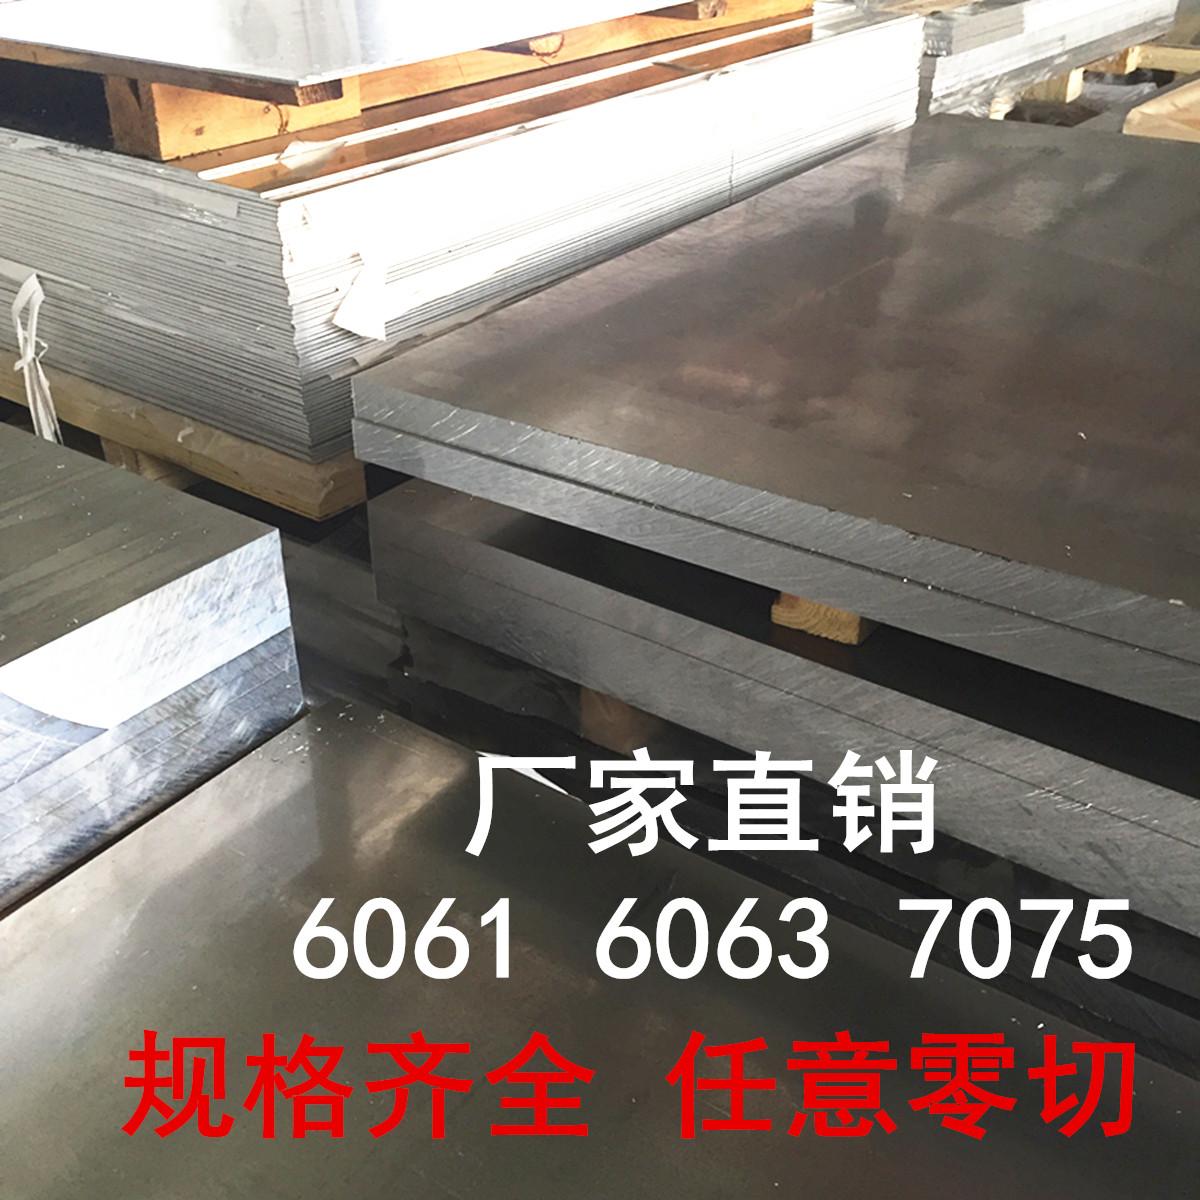 直销6061T6铝板7075T651铝棒6063铝合金板 铝排 铝方条铝块铝扁条